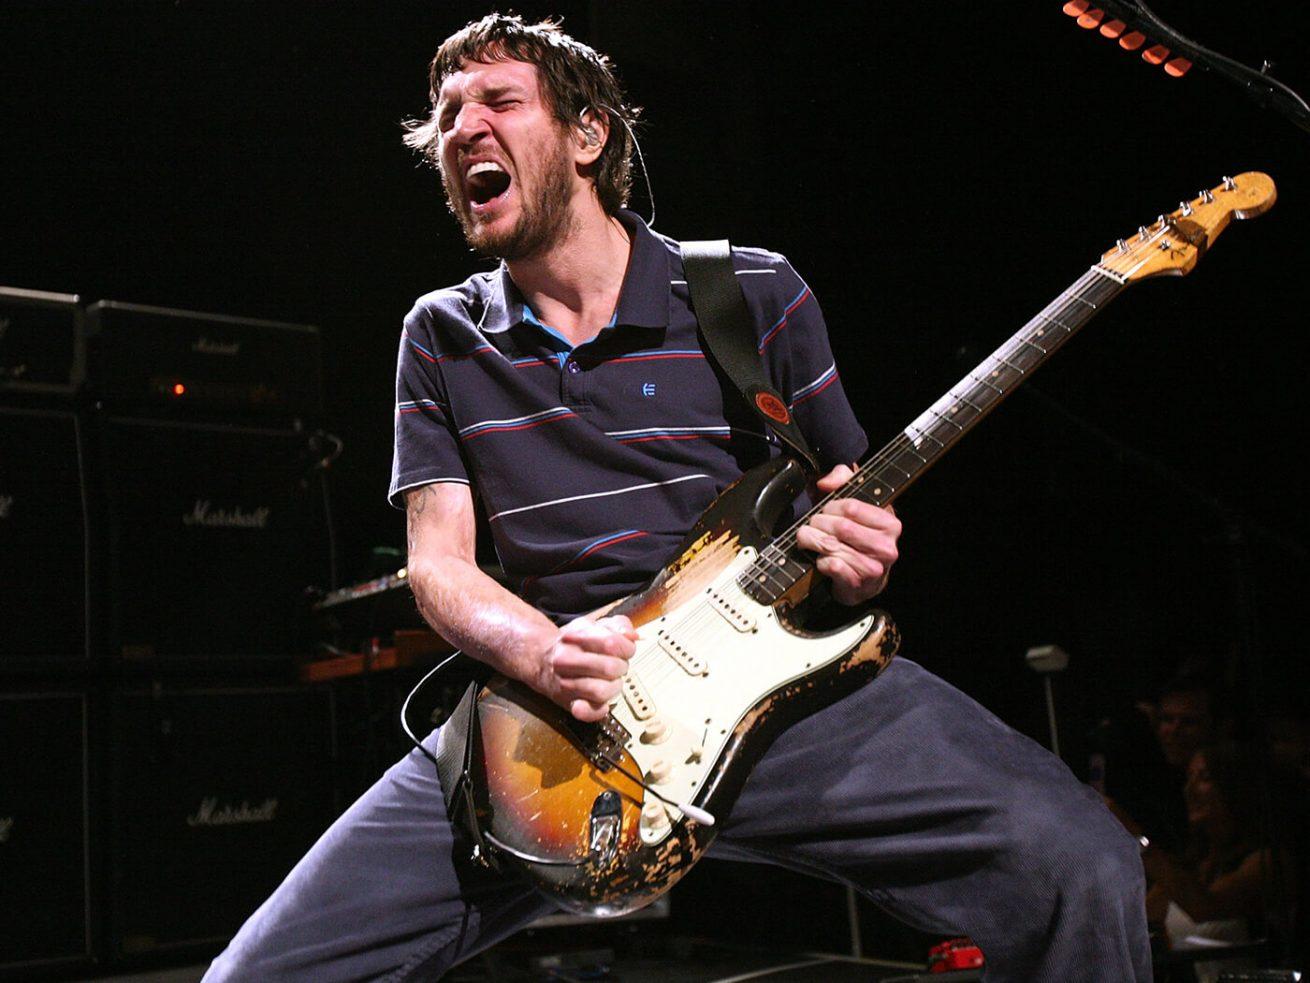 john frusciante'nin yan projesi trickfinger'dan bir yeni kısa çalar yayında